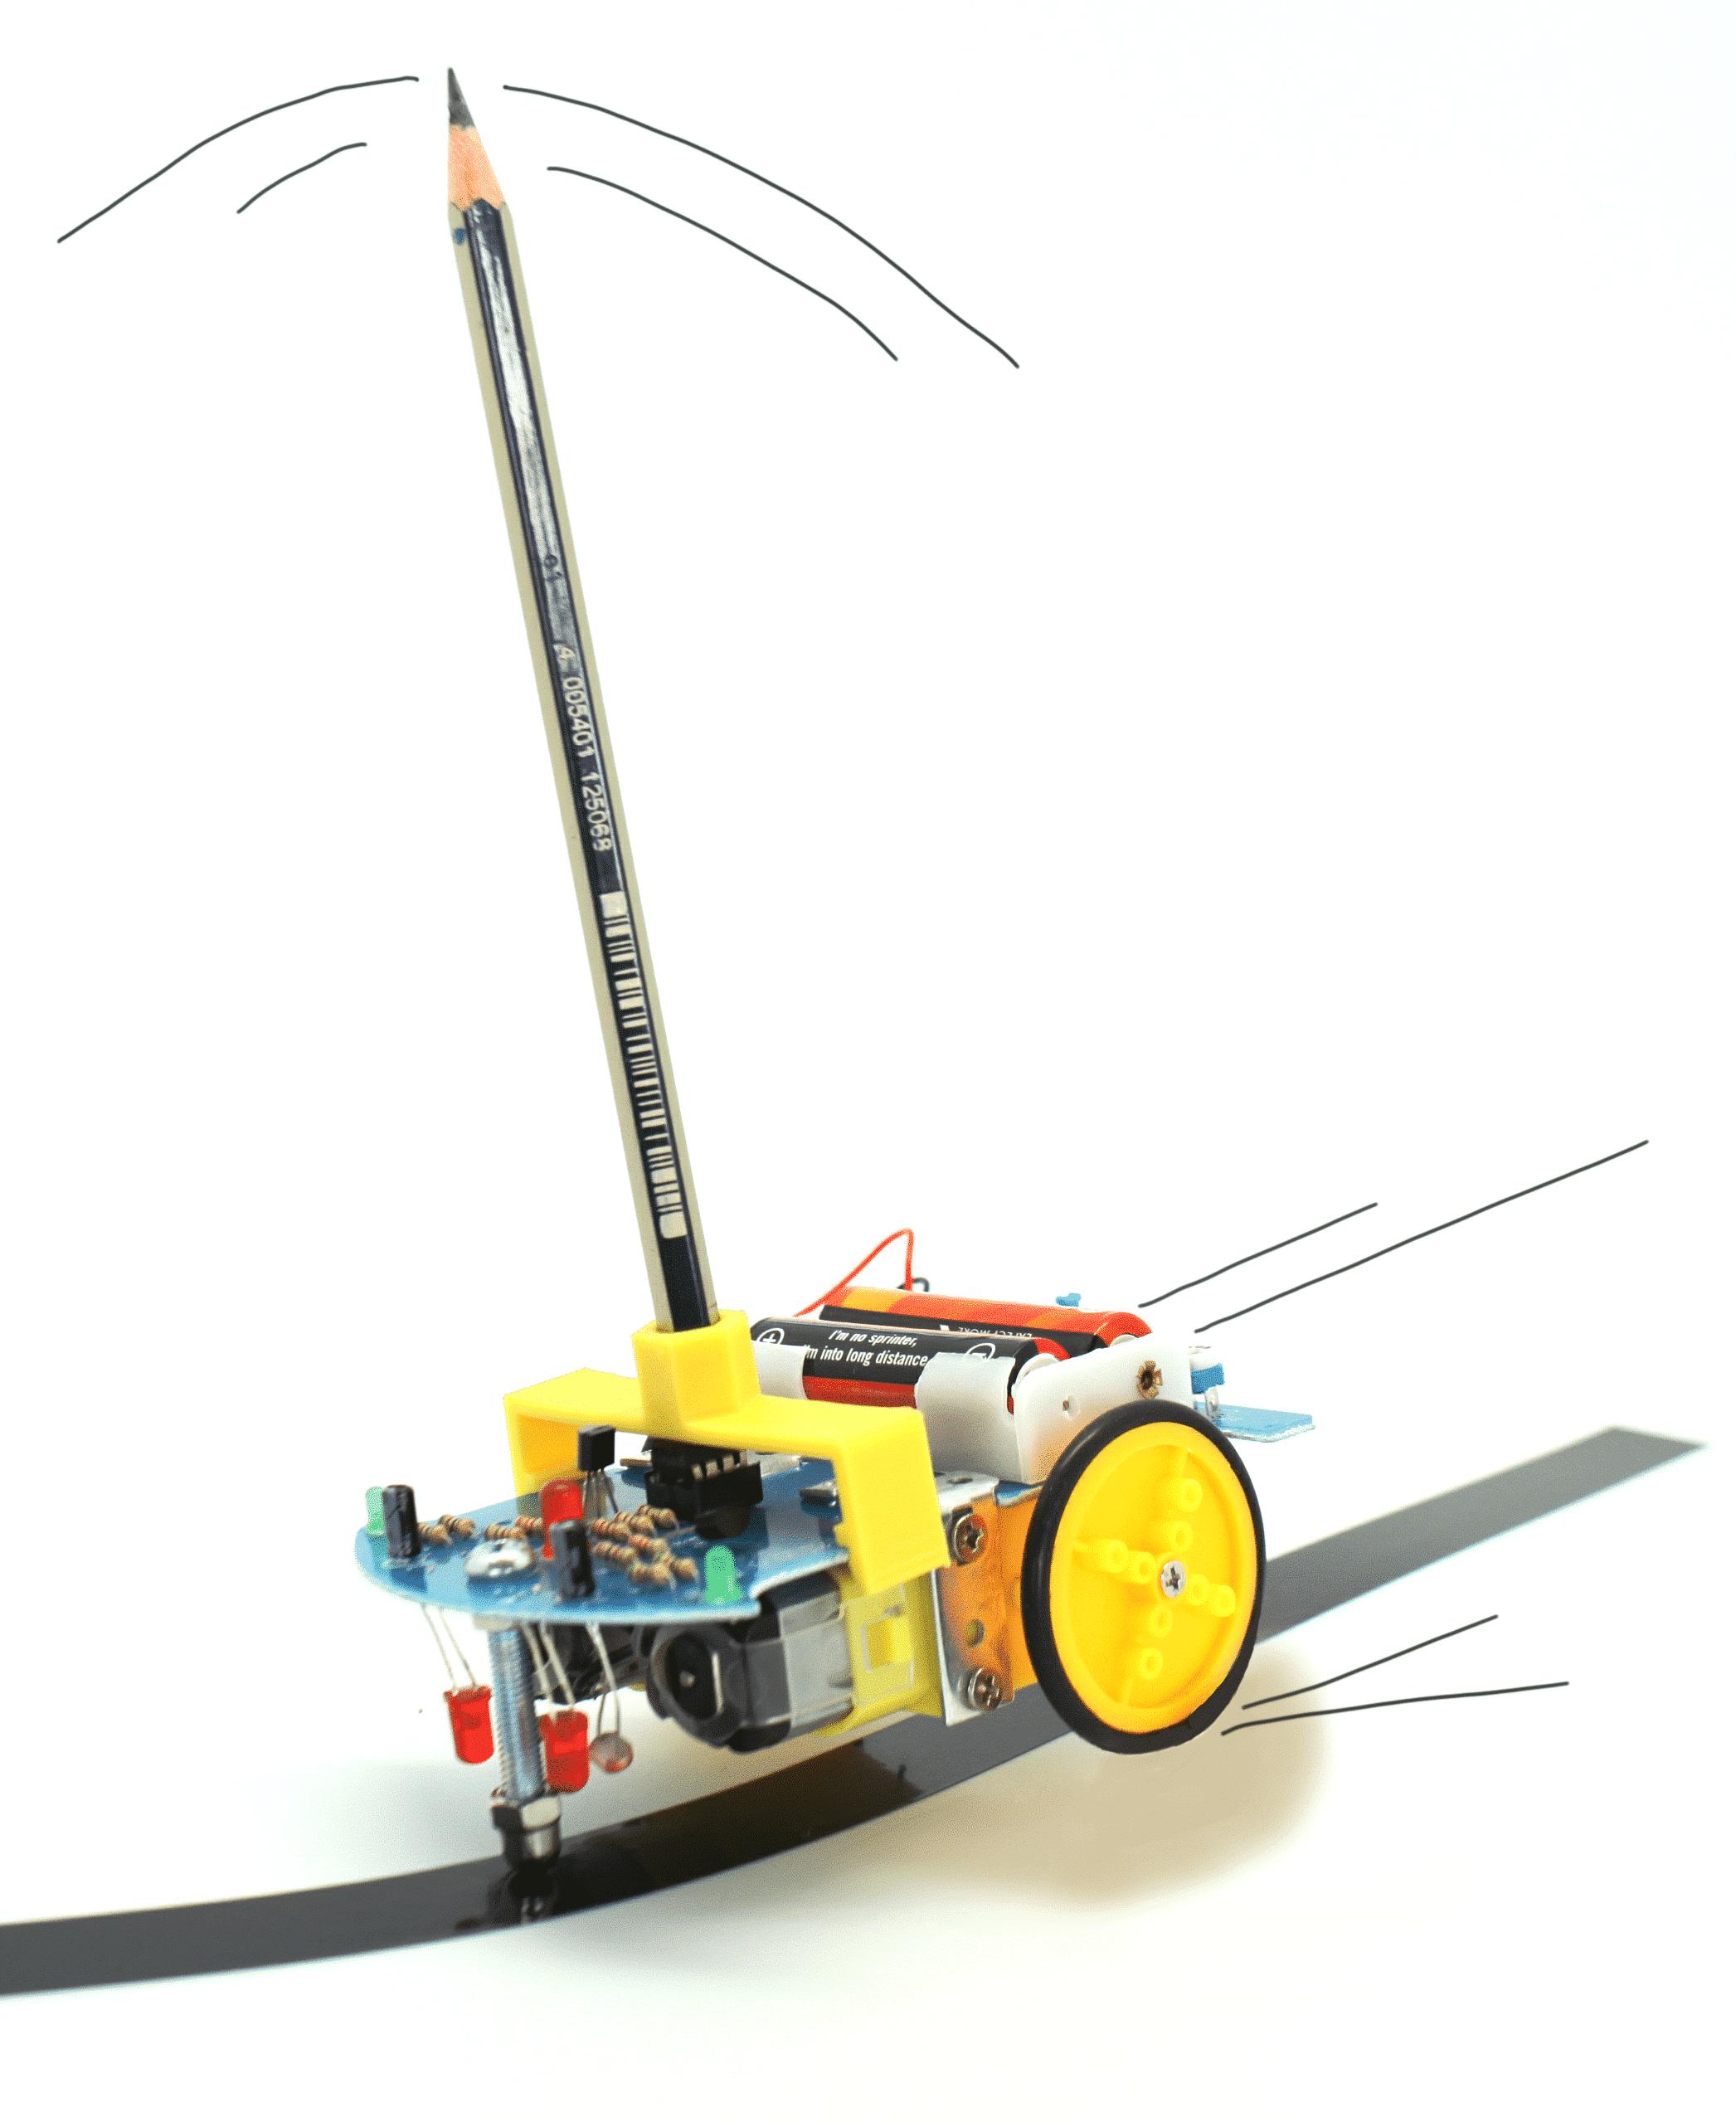 EDU-STEM-Kit-Tracer-Racer